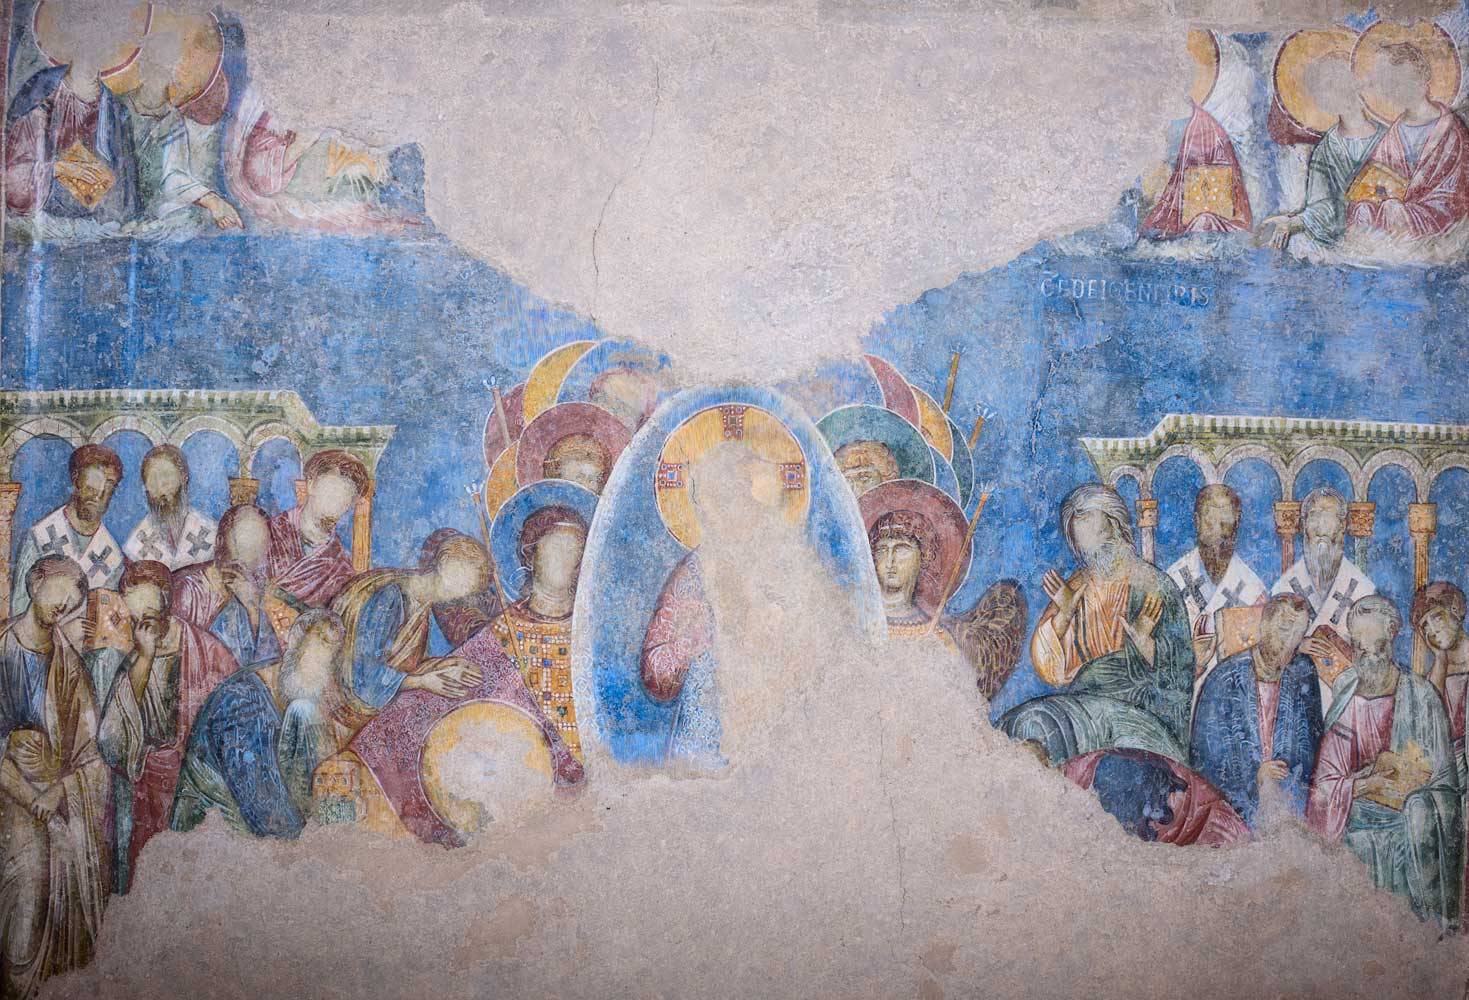 monastere-abu-gosh-dormition